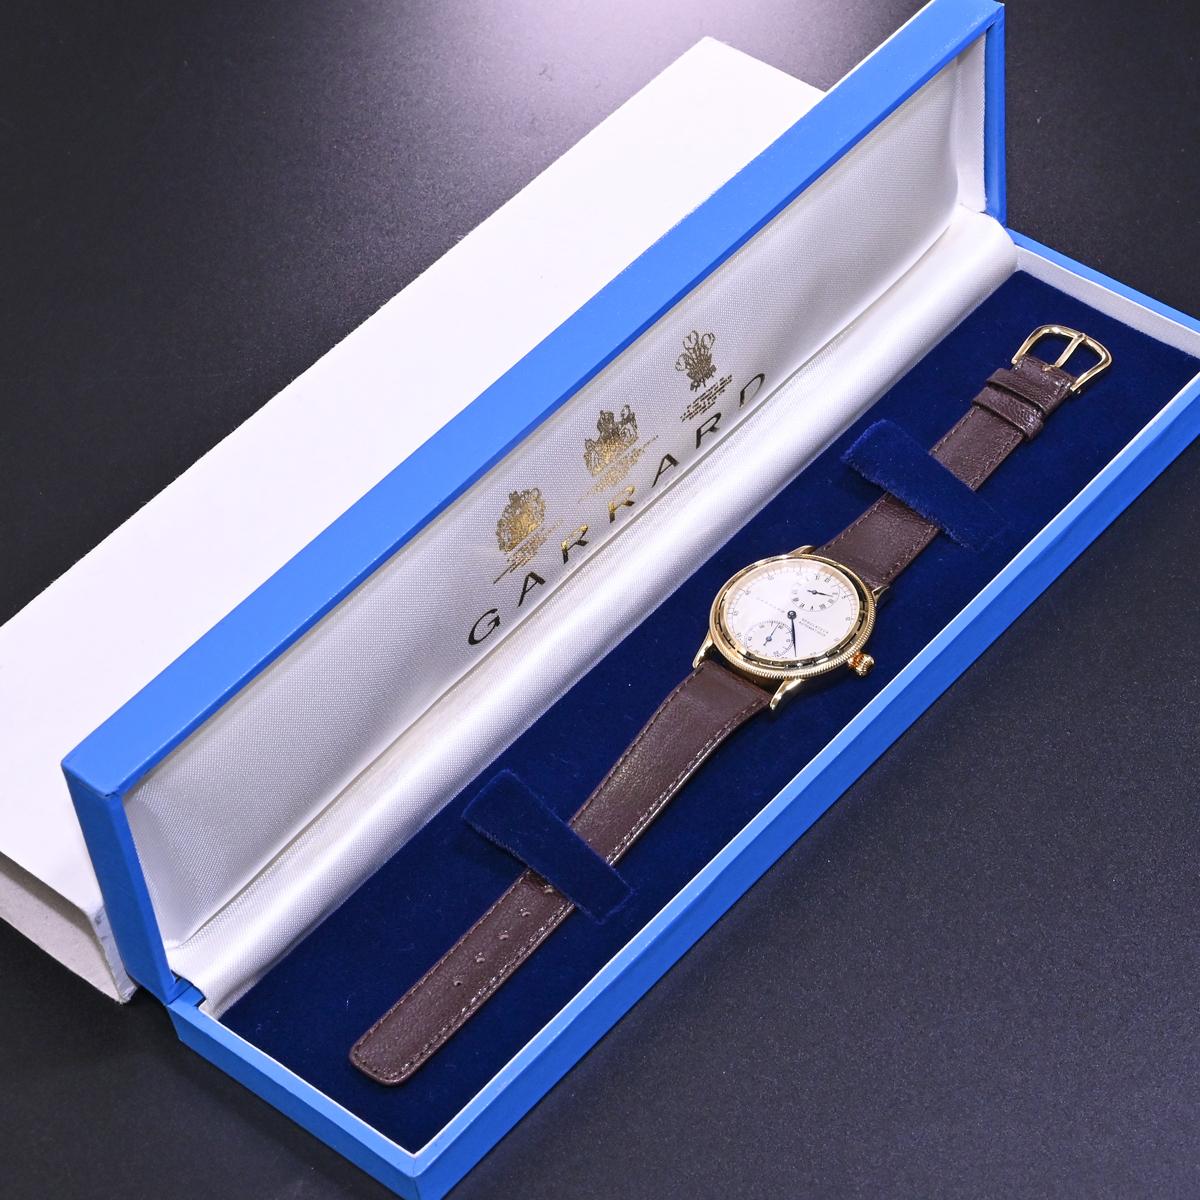 本物 極上品 英国 ガラード 極希少 独立針 レギュレーター オートマチック メンズウォッチ 裏スケ 男性用自動巻腕時計 保存箱付 GARRARD_画像10